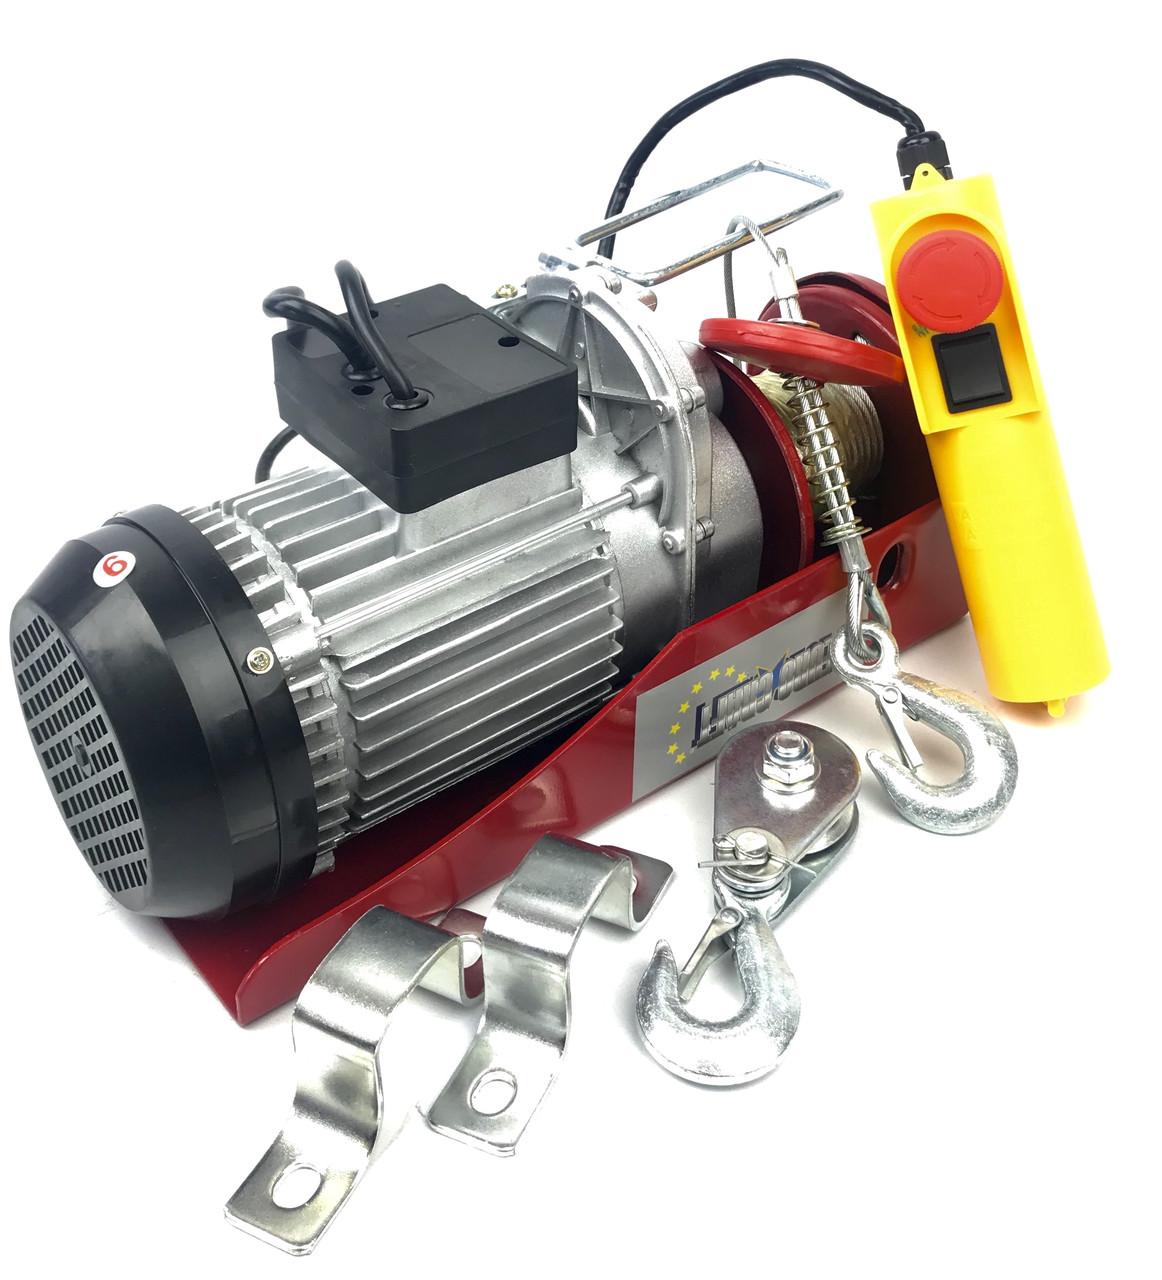 Тельфер електричний Euro Craft 250/500 кг (HJ203)